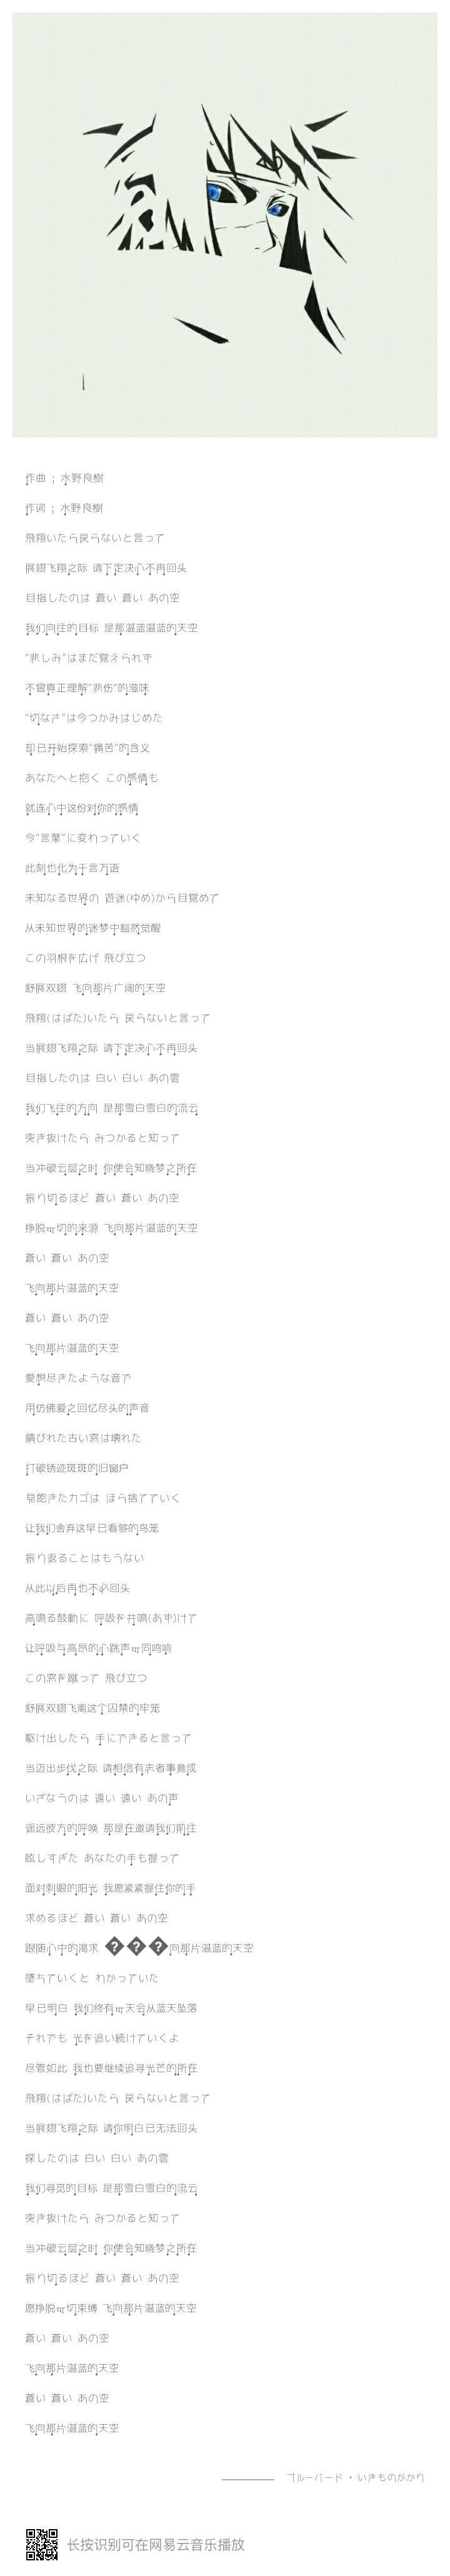 【音乐推荐】火影最好听的单曲,没有之一!-小柚妹站